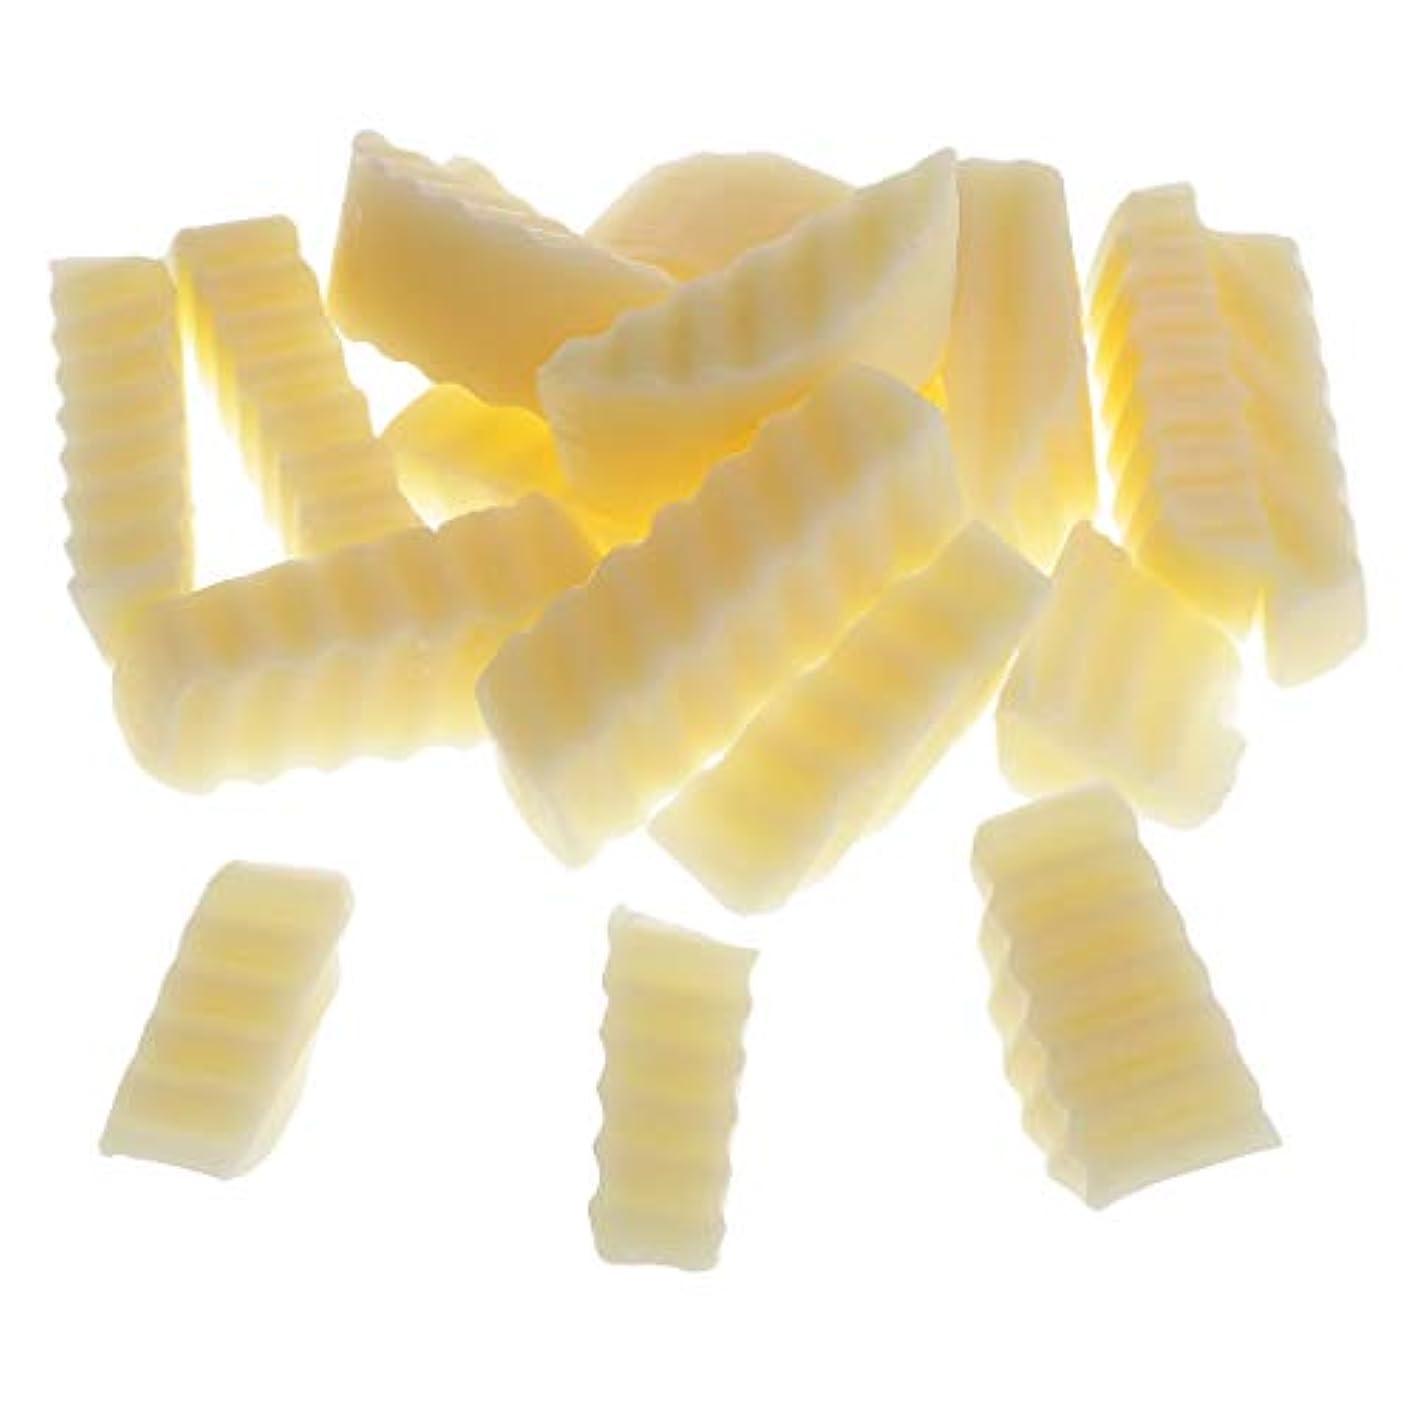 提唱する税金ロック解除ラノリン石鹸 自然な素材 DIY手作り 石鹸 固形せっけん 約250g /パック 高品質